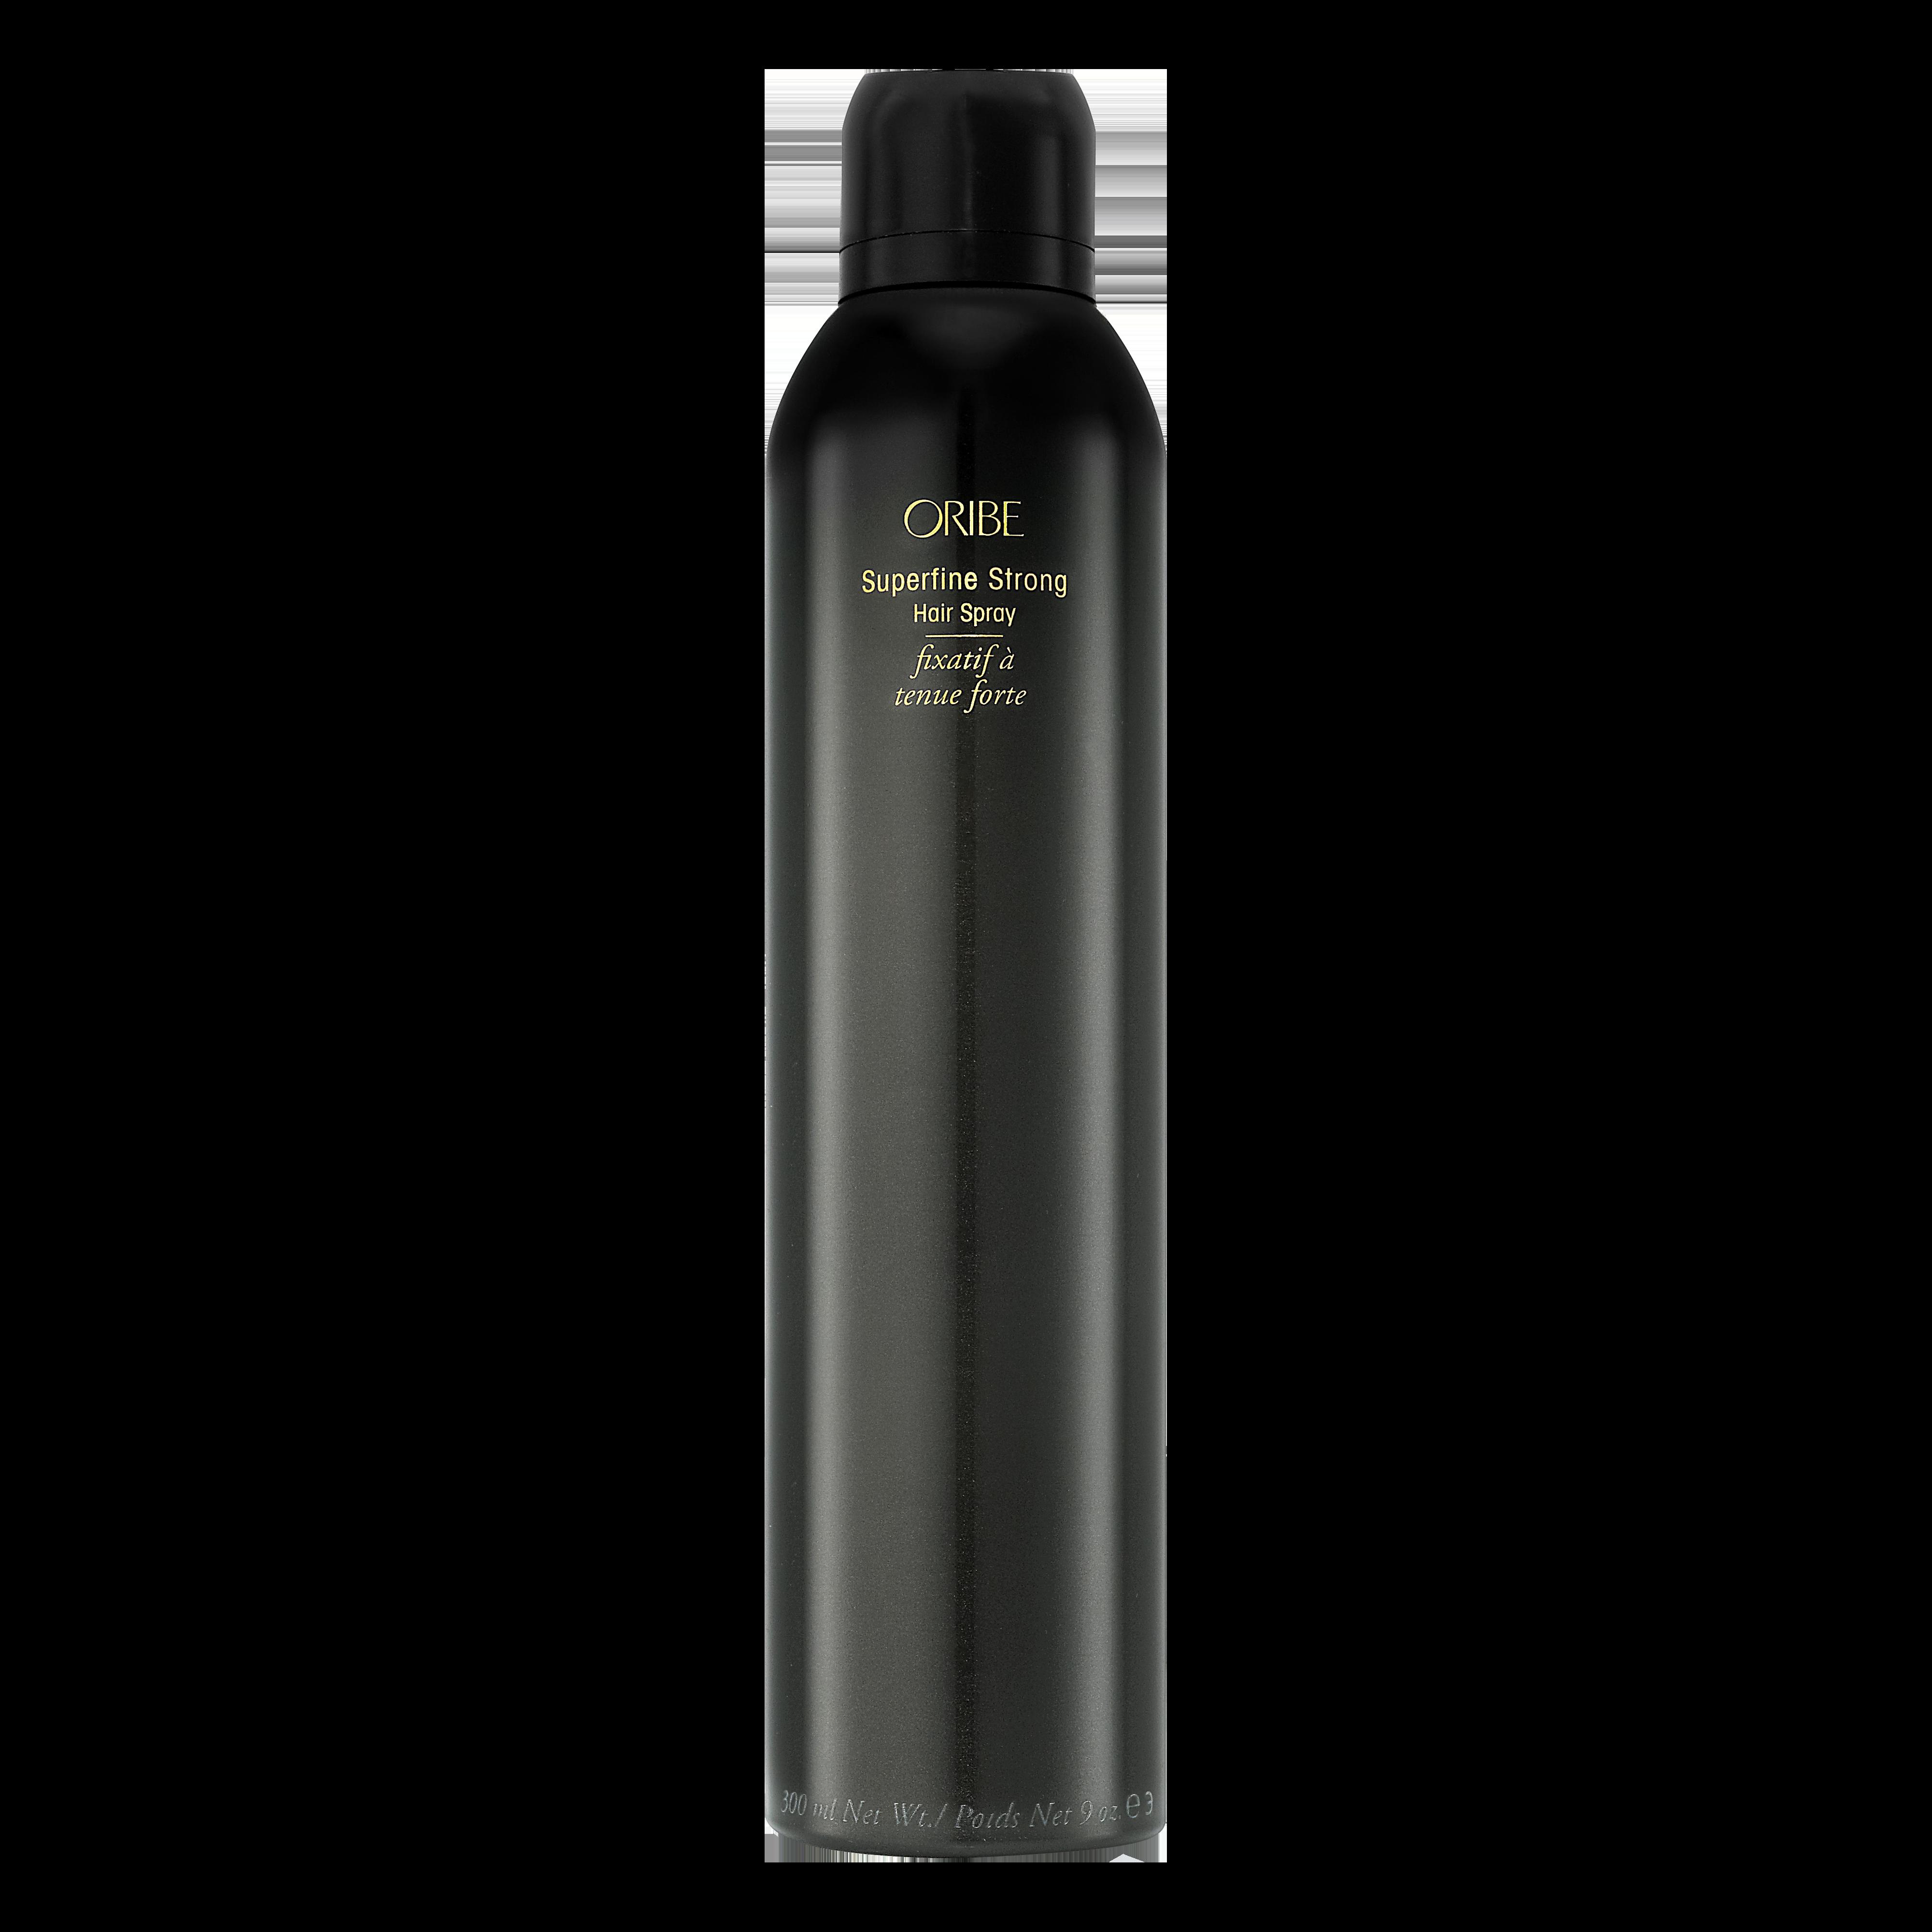 Superfine Strong Hair Spray 300ml